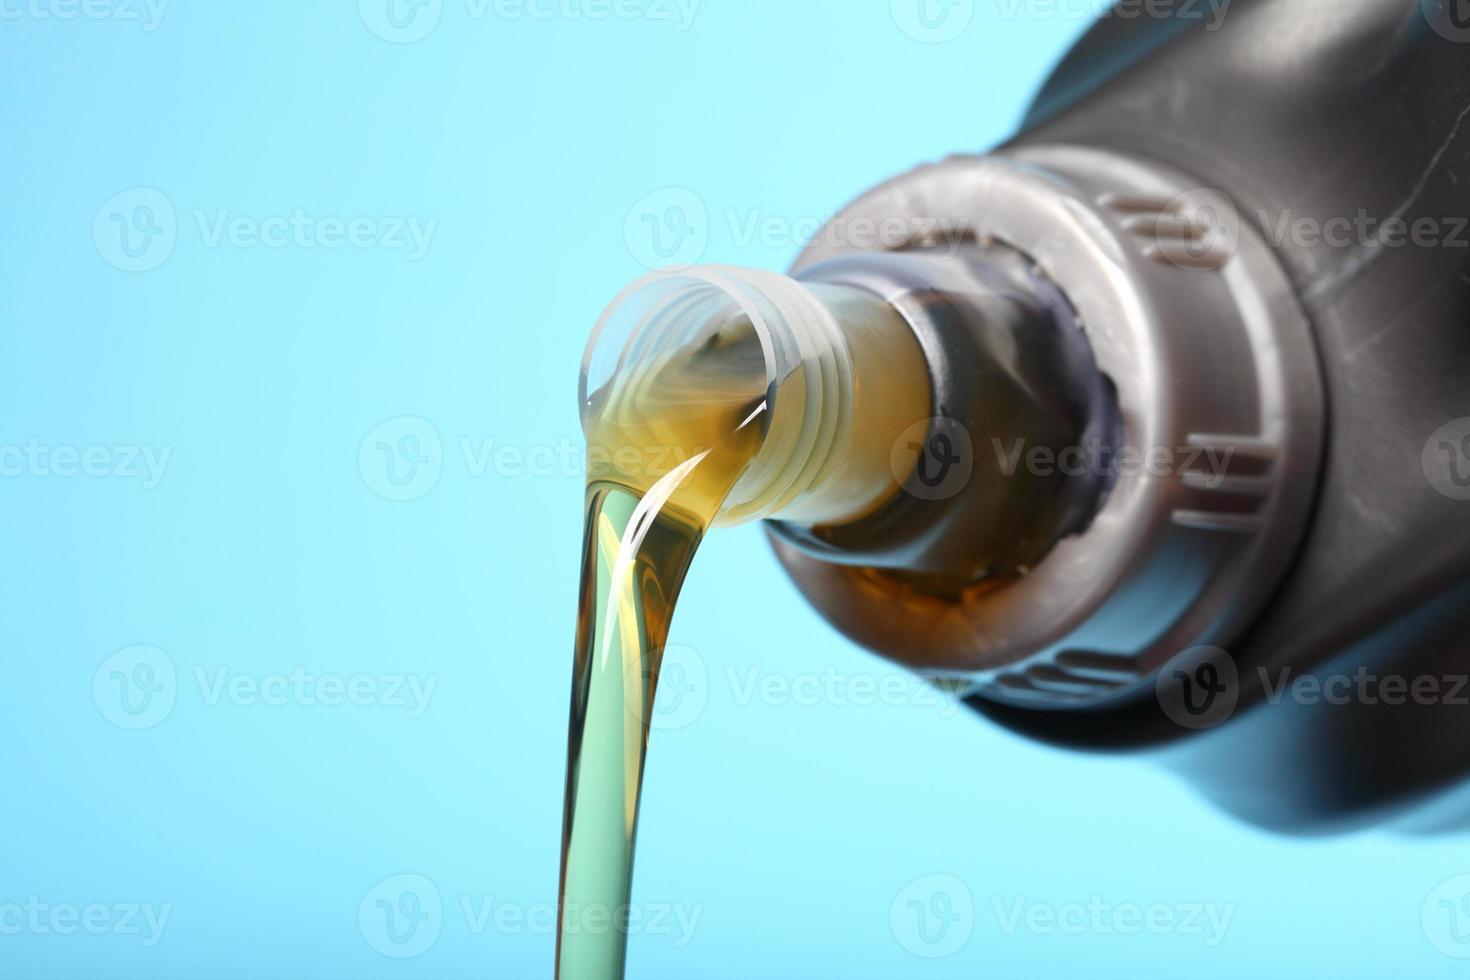 peut avec de l'huile de moteur de voiture verser fond bleu photo